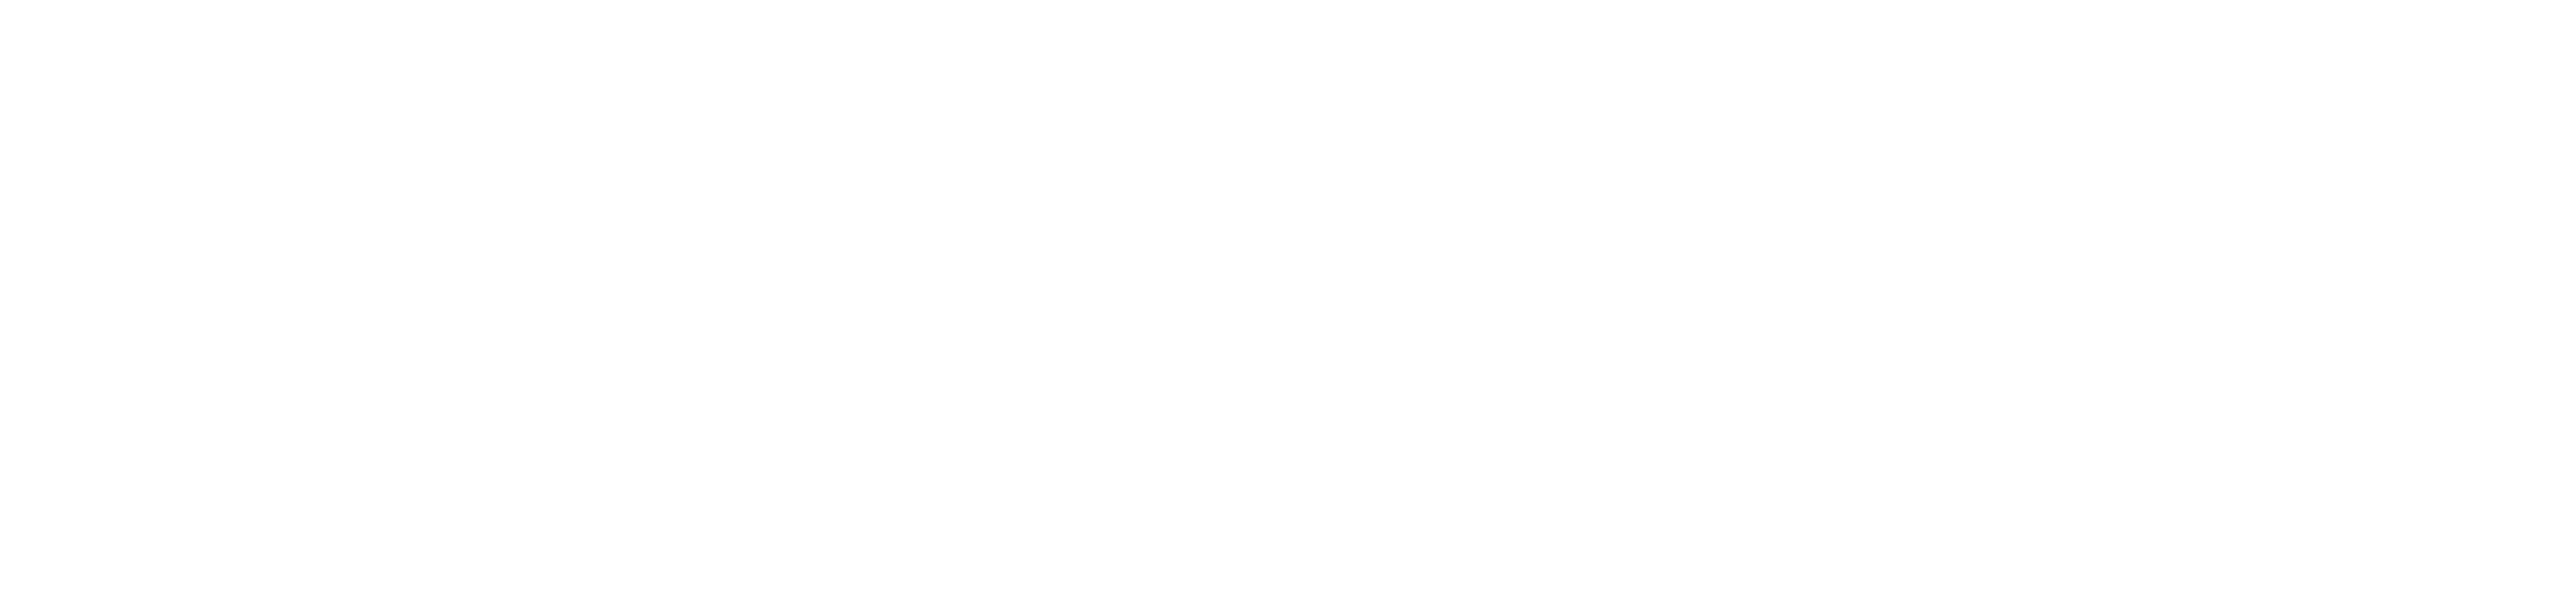 starbank ethics